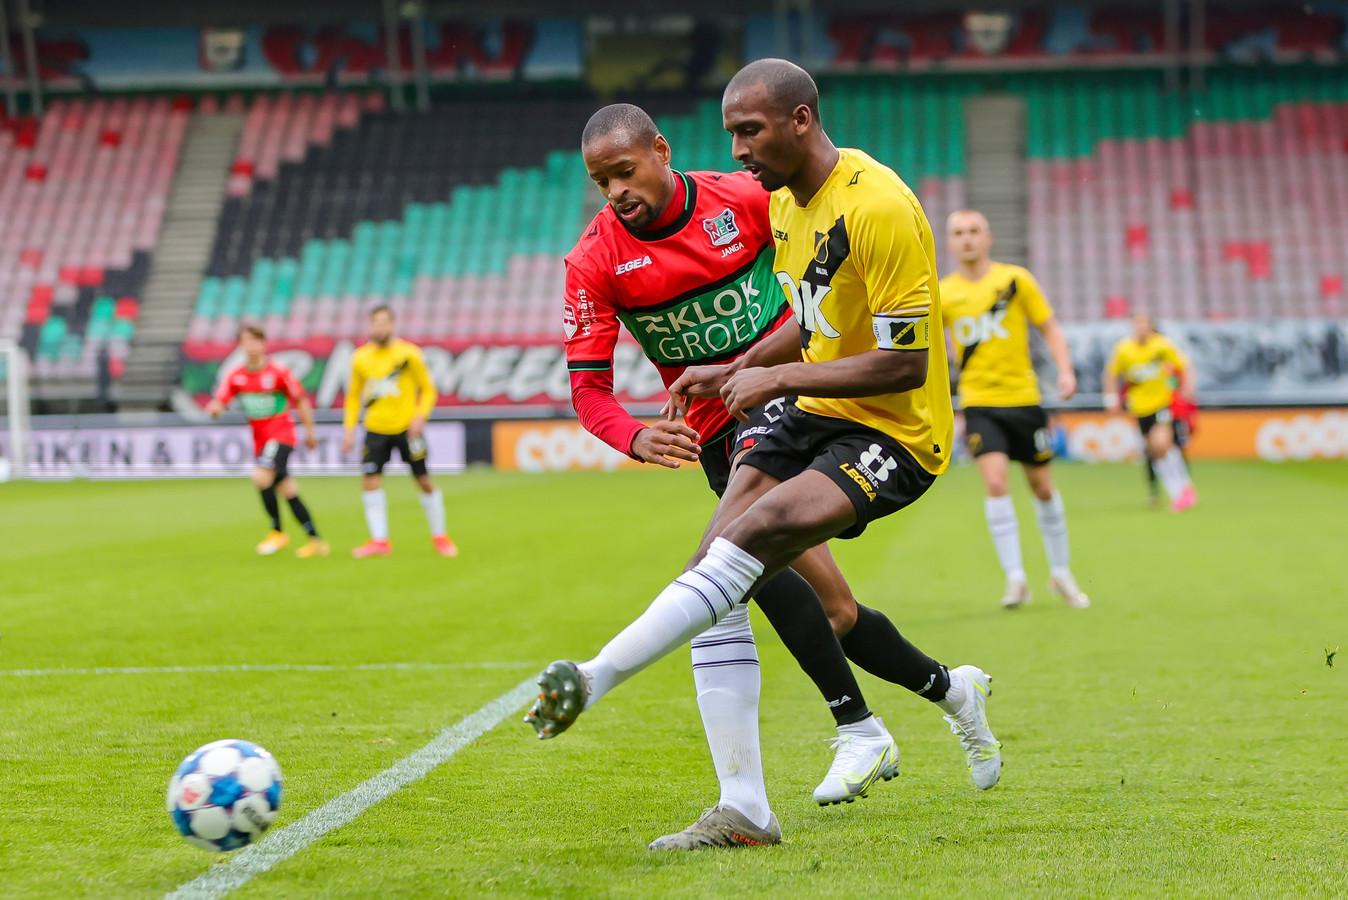 Rangelo Janga van NEC in duel met NAC-verdediger Dion Malone.